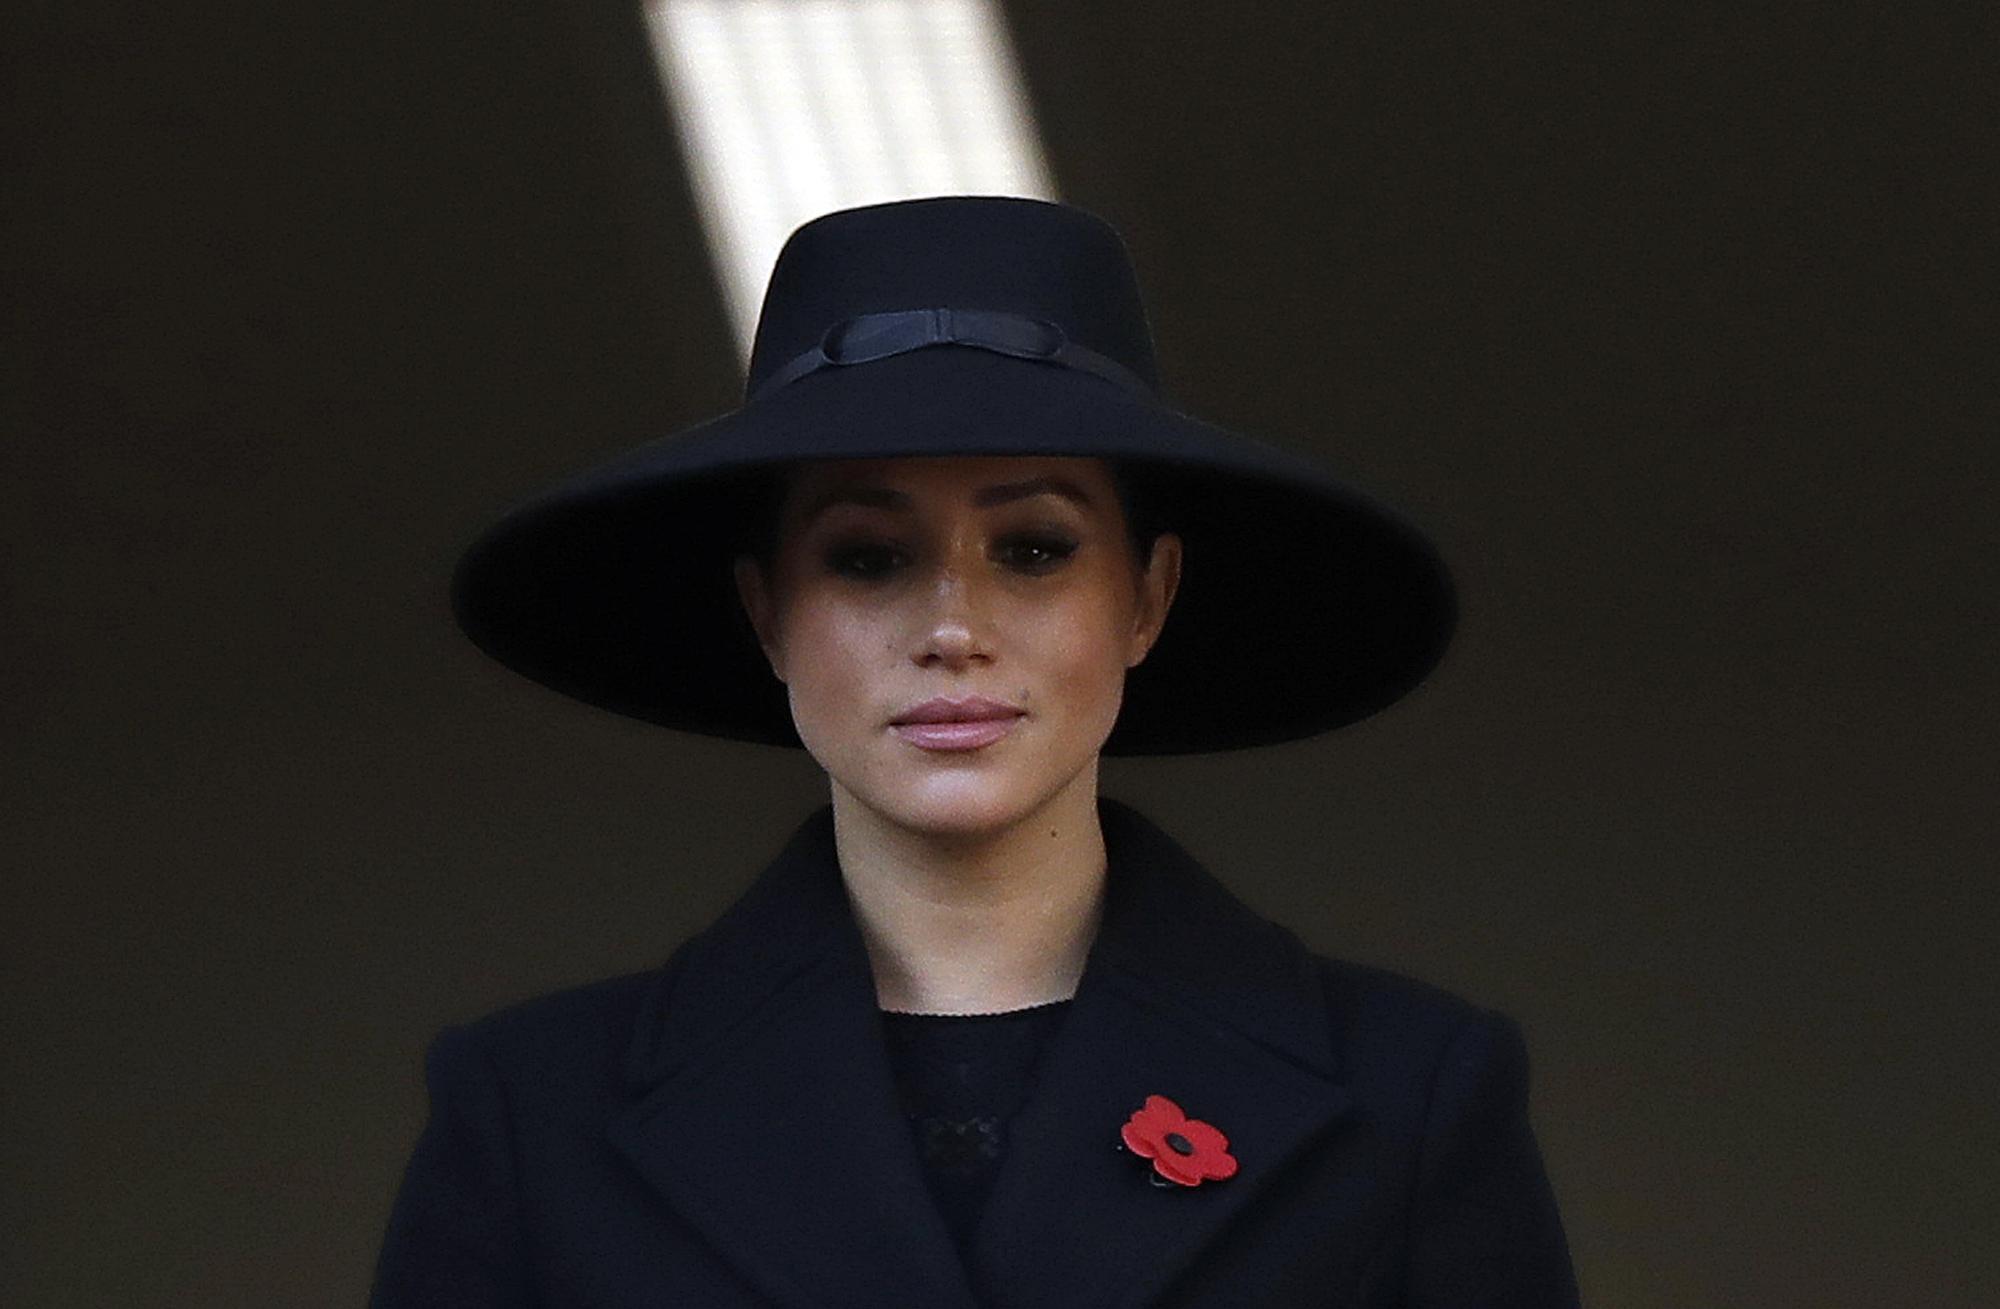 """En julio de 2018 Thomas Markle, reveló que no mantiene contacto con su hija Meghan y que ella se encontraba """"aterrada"""" y bajo """"demasiada presión"""" por parte de la familia real británica."""